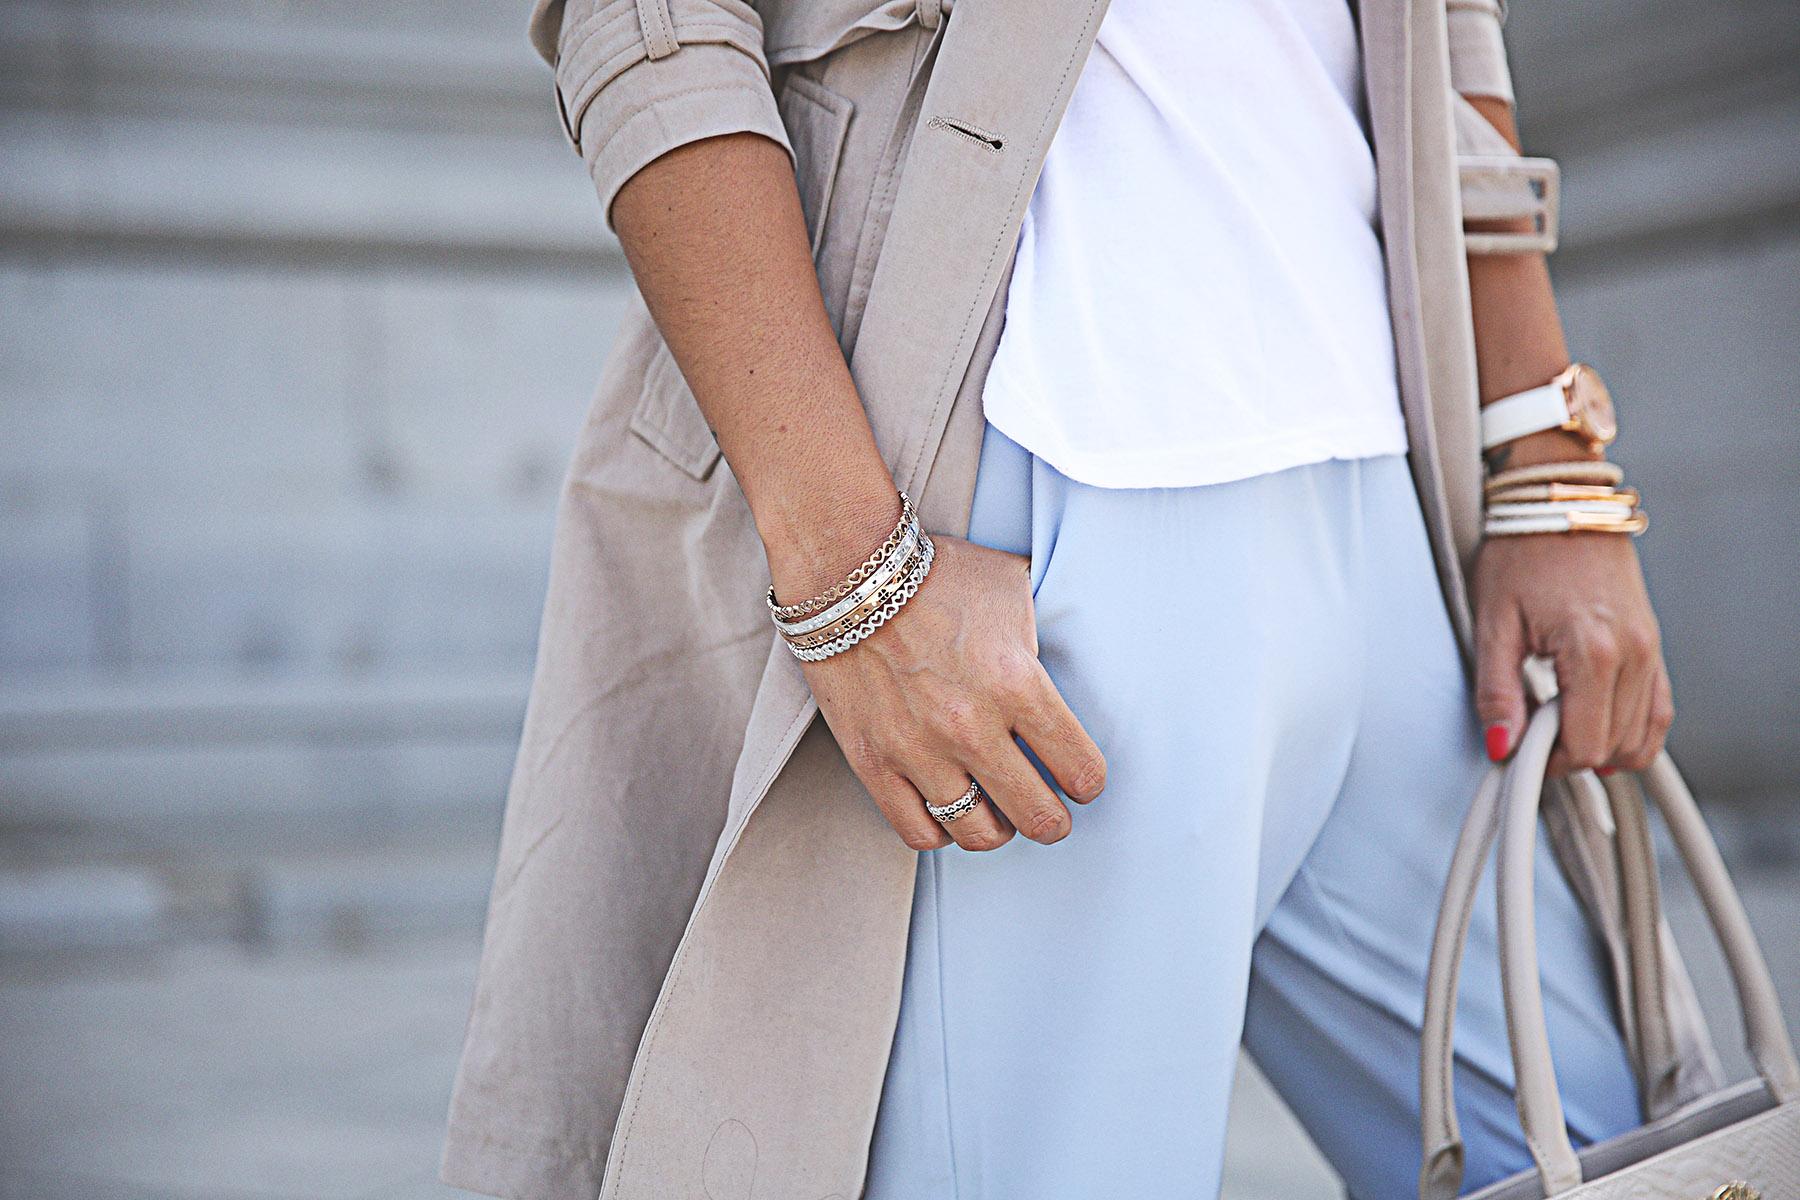 trendy-taste-look-outfit-street-style-ootd-blog-blogger-fashion-spain-moda-españa-folli-follie-shooting-trench-gabardina-adidas-superstar-camiseta-basica-basic-tee-3